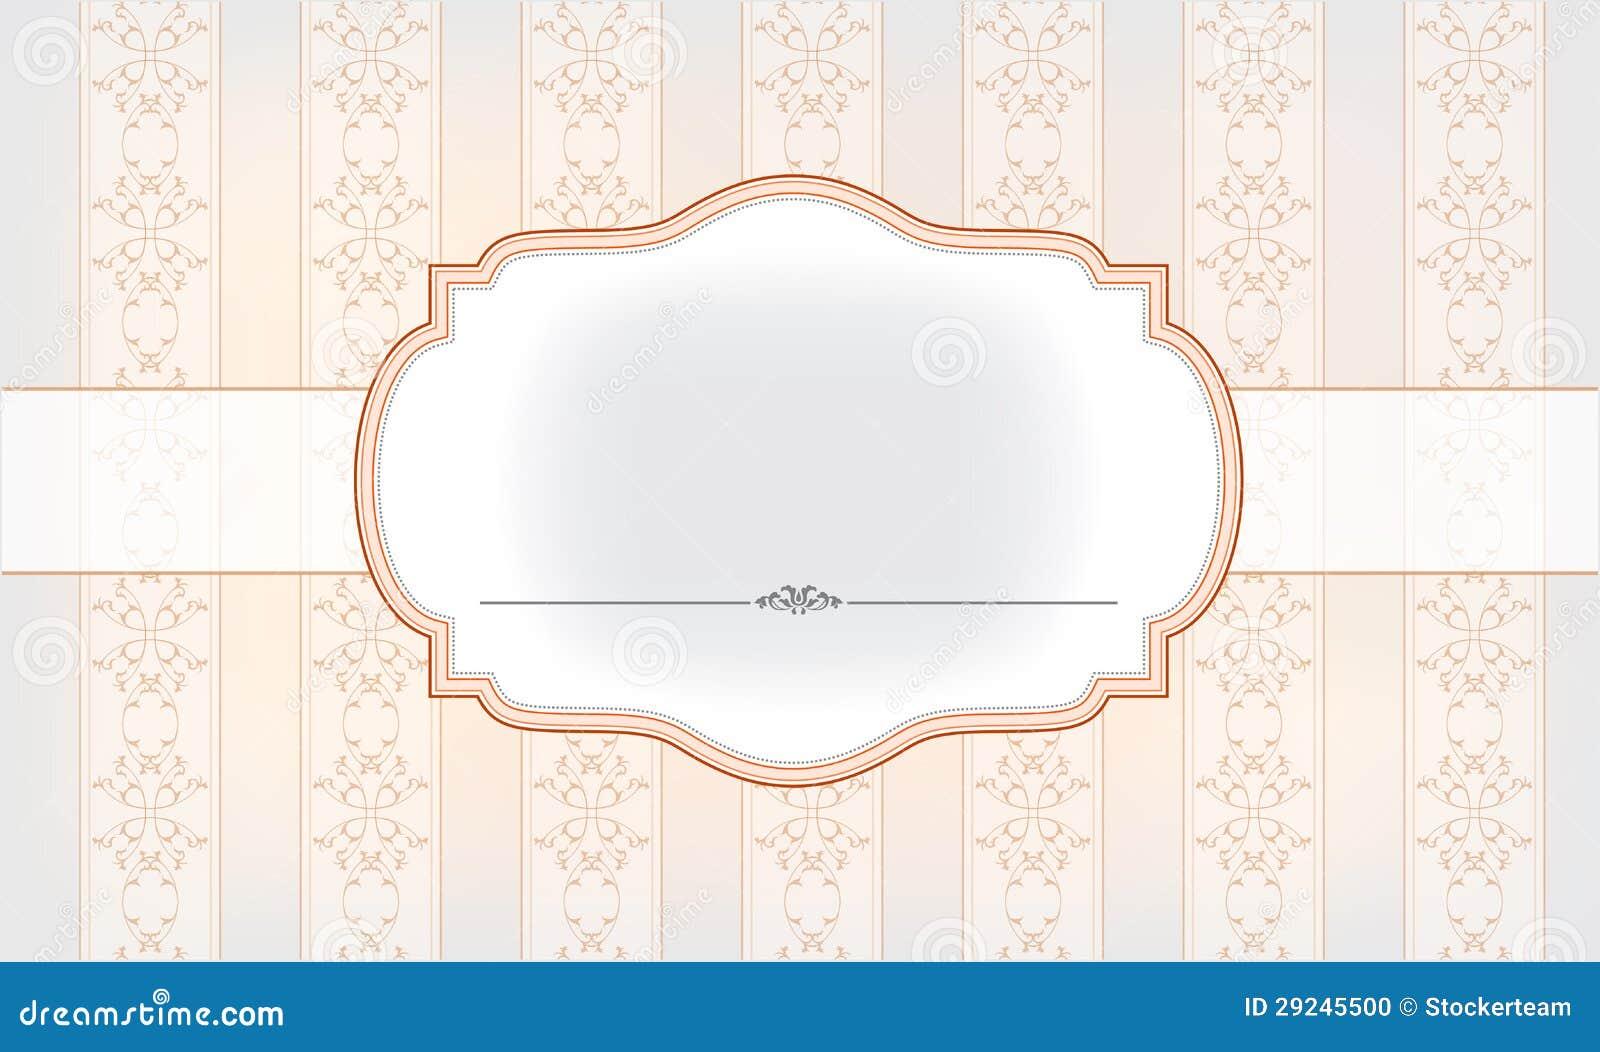 Download Bandeira no fundo bonito ilustração stock. Ilustração de luxo - 29245500